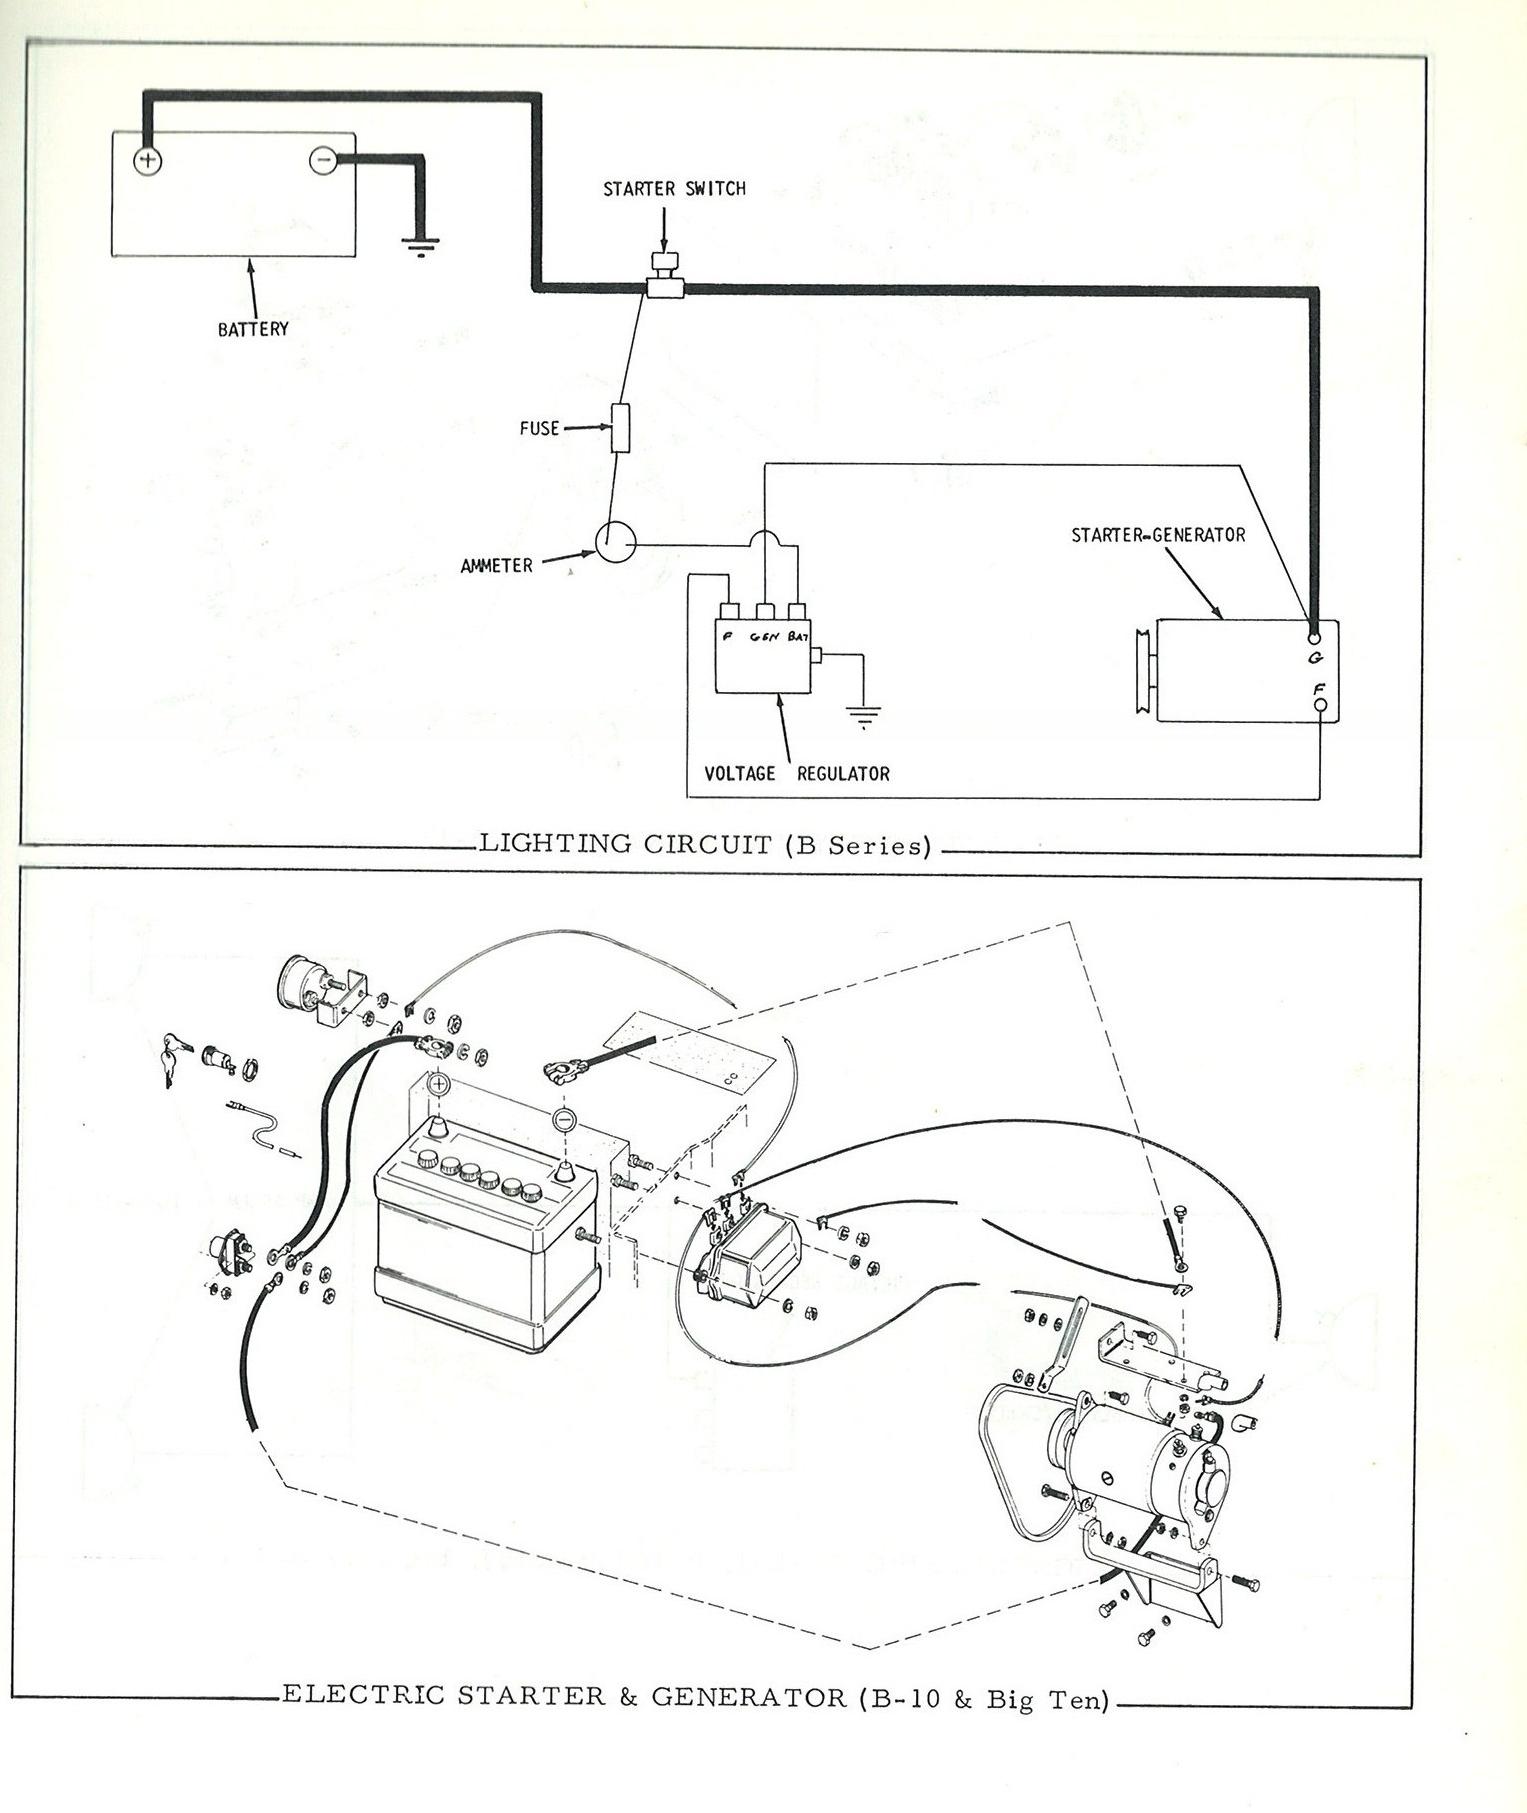 hight resolution of wiring diagram generator allischalmers forum wiring diagram for you d 17 allis chalmers wiring schematic wiring